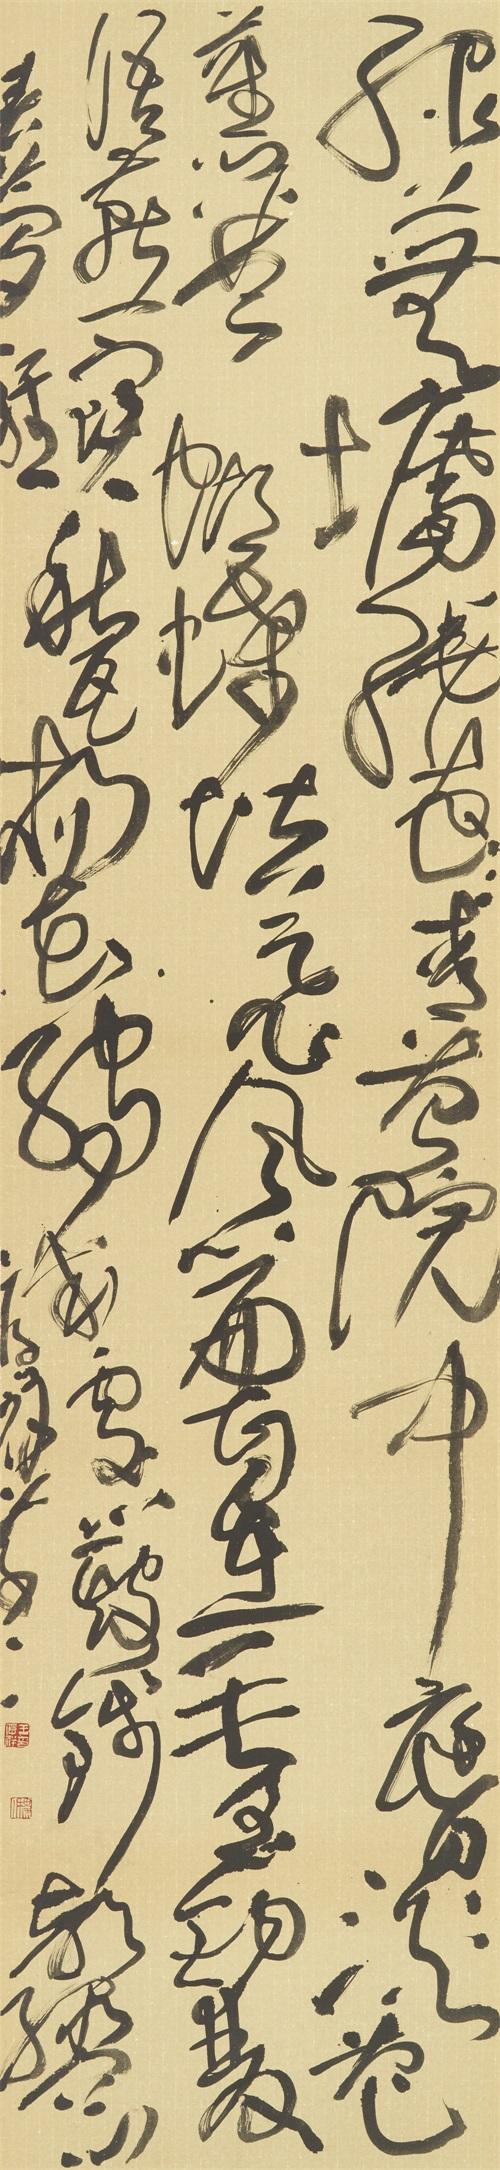 王厚祥《草书》234x54cm